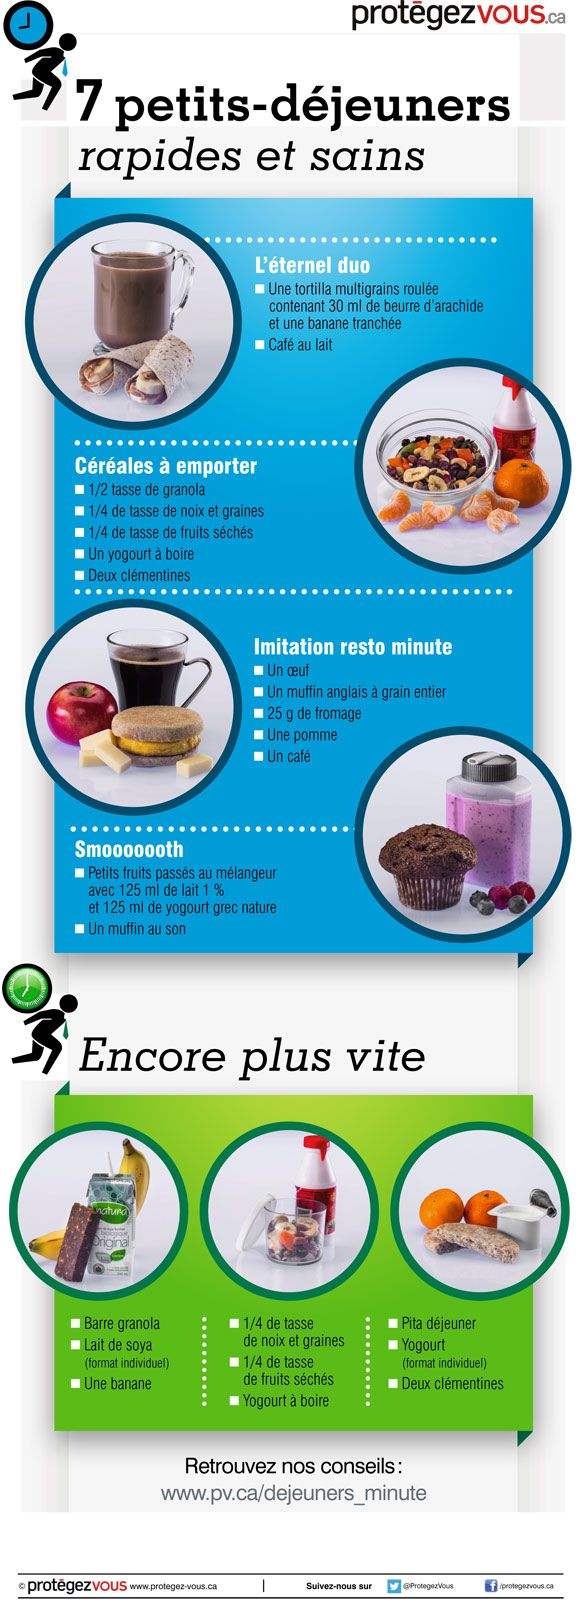 En image: 7 petits-déjeuners rapido presto | Protégez-Vous.ca